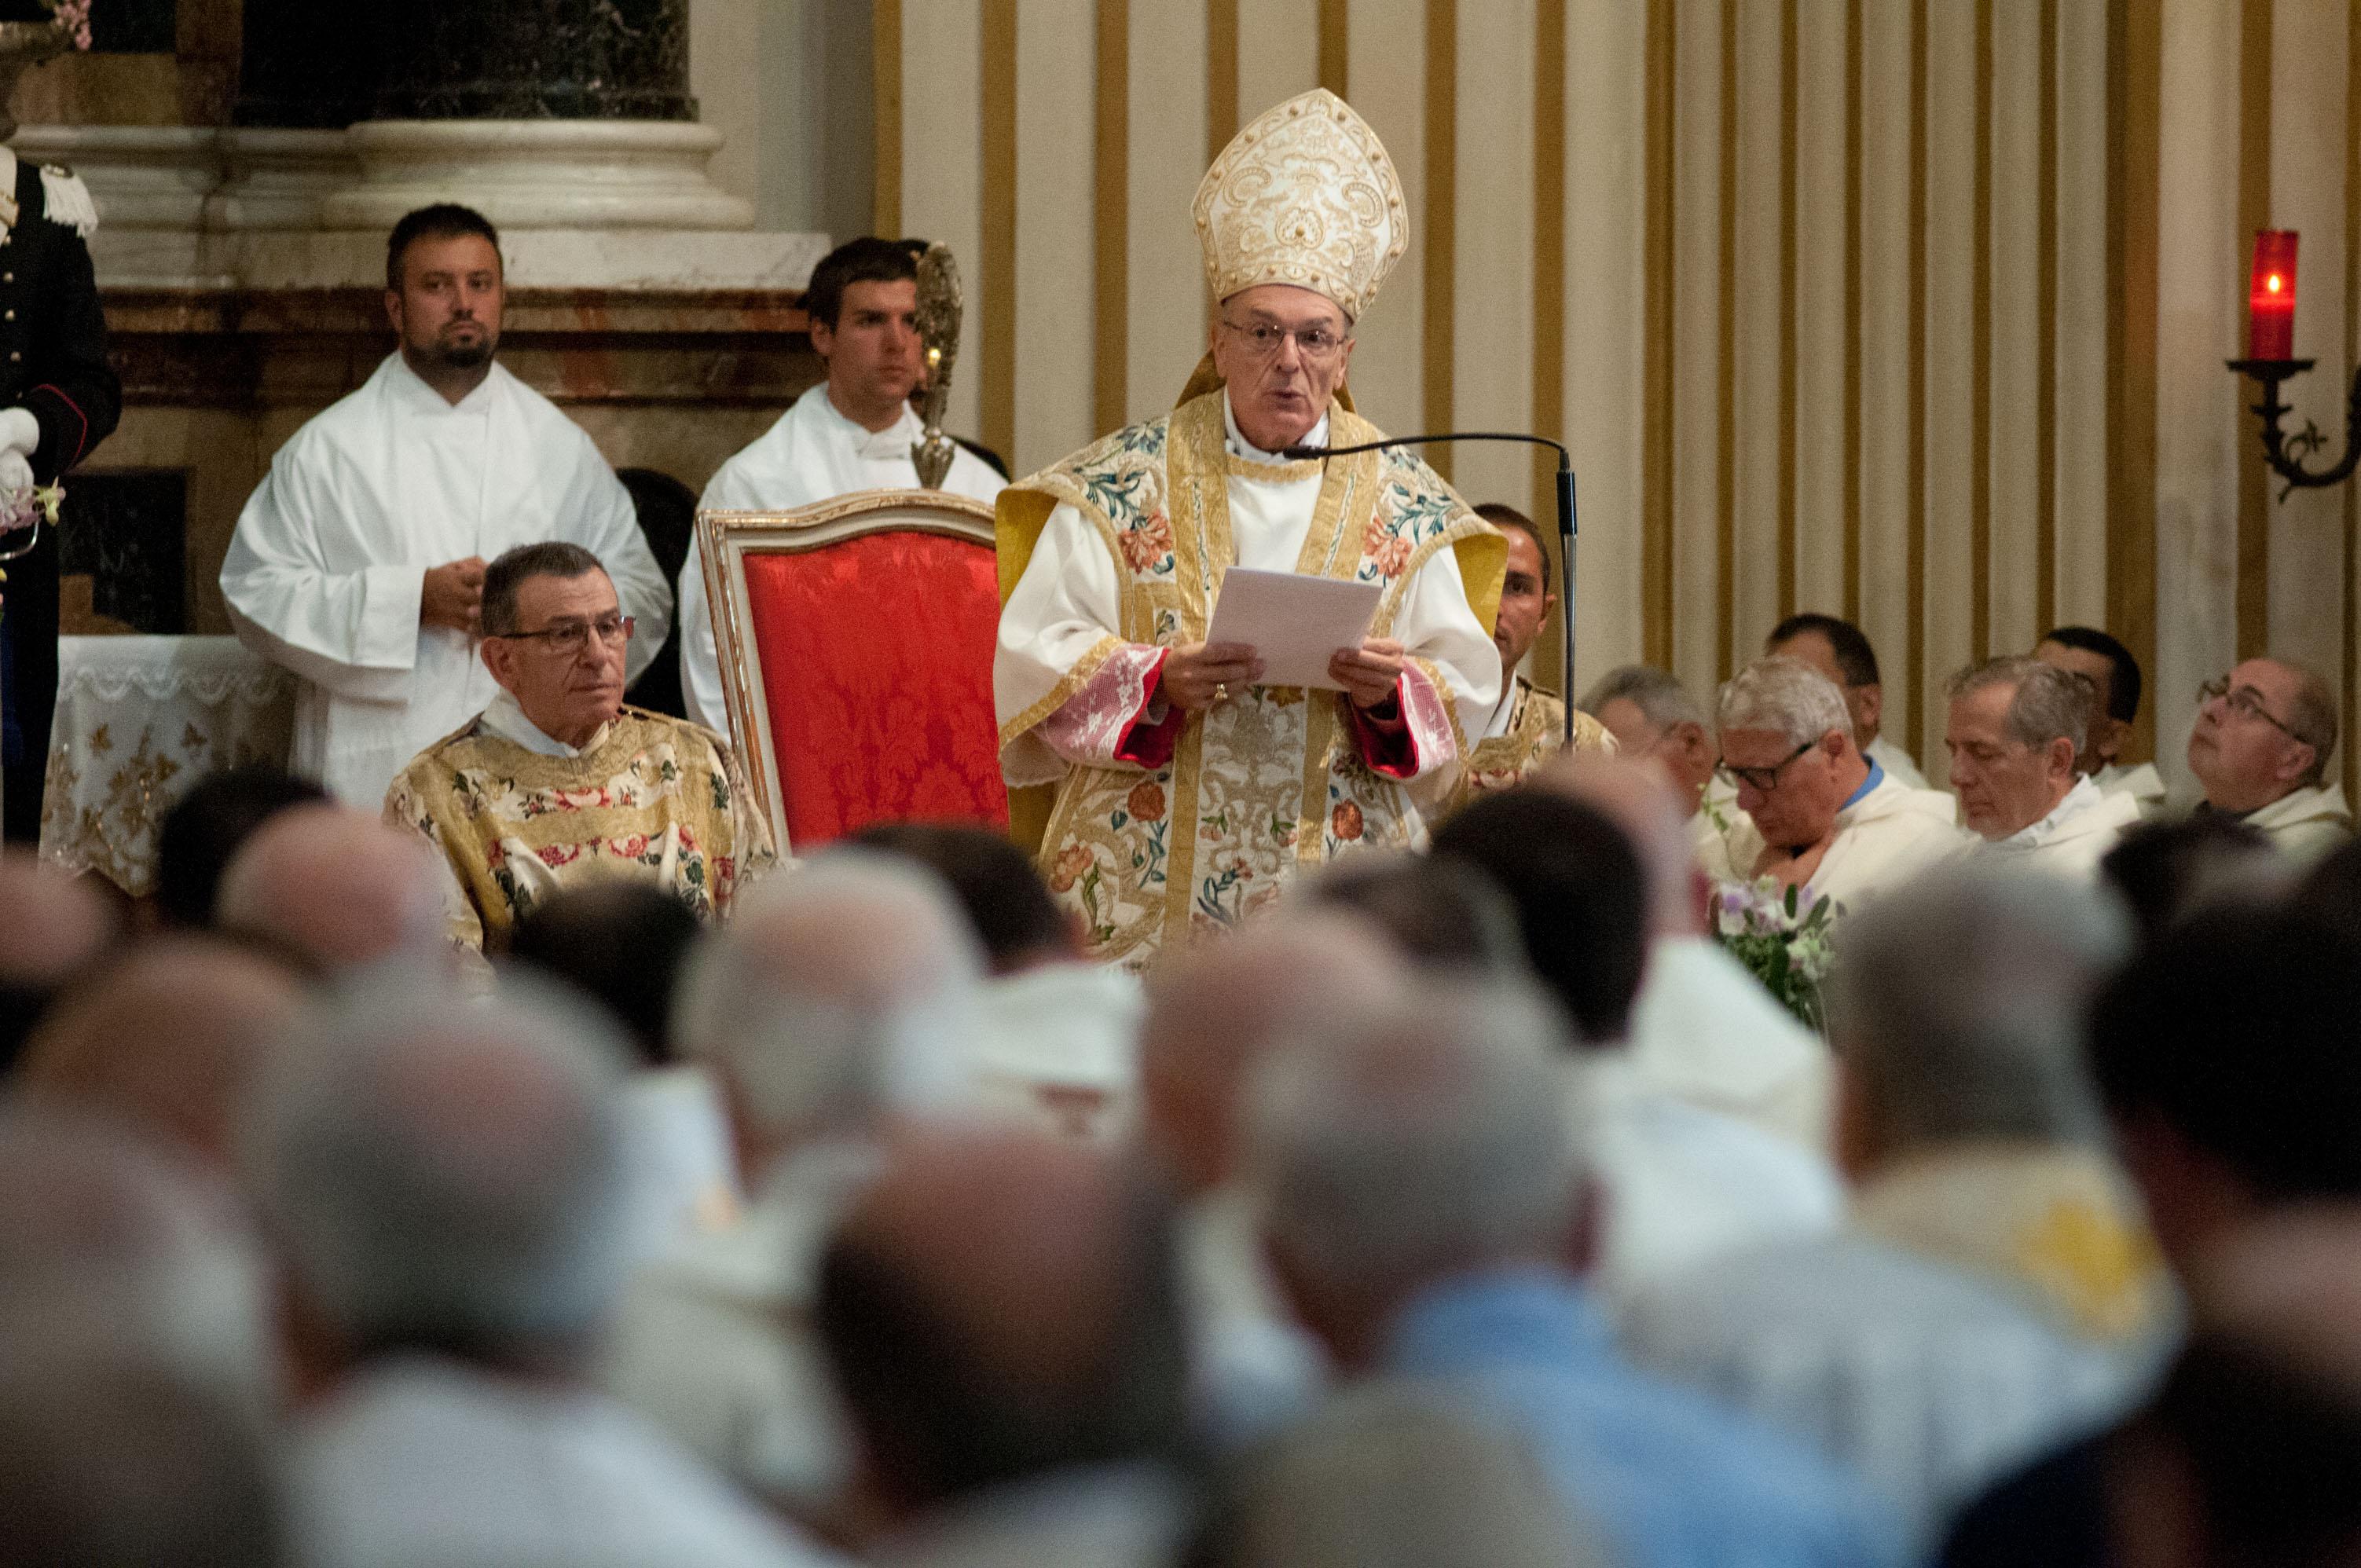 L'annuncio del Giubileo della Misericordia durante il Pontificale in Ghiara dell'8 settembre 2015